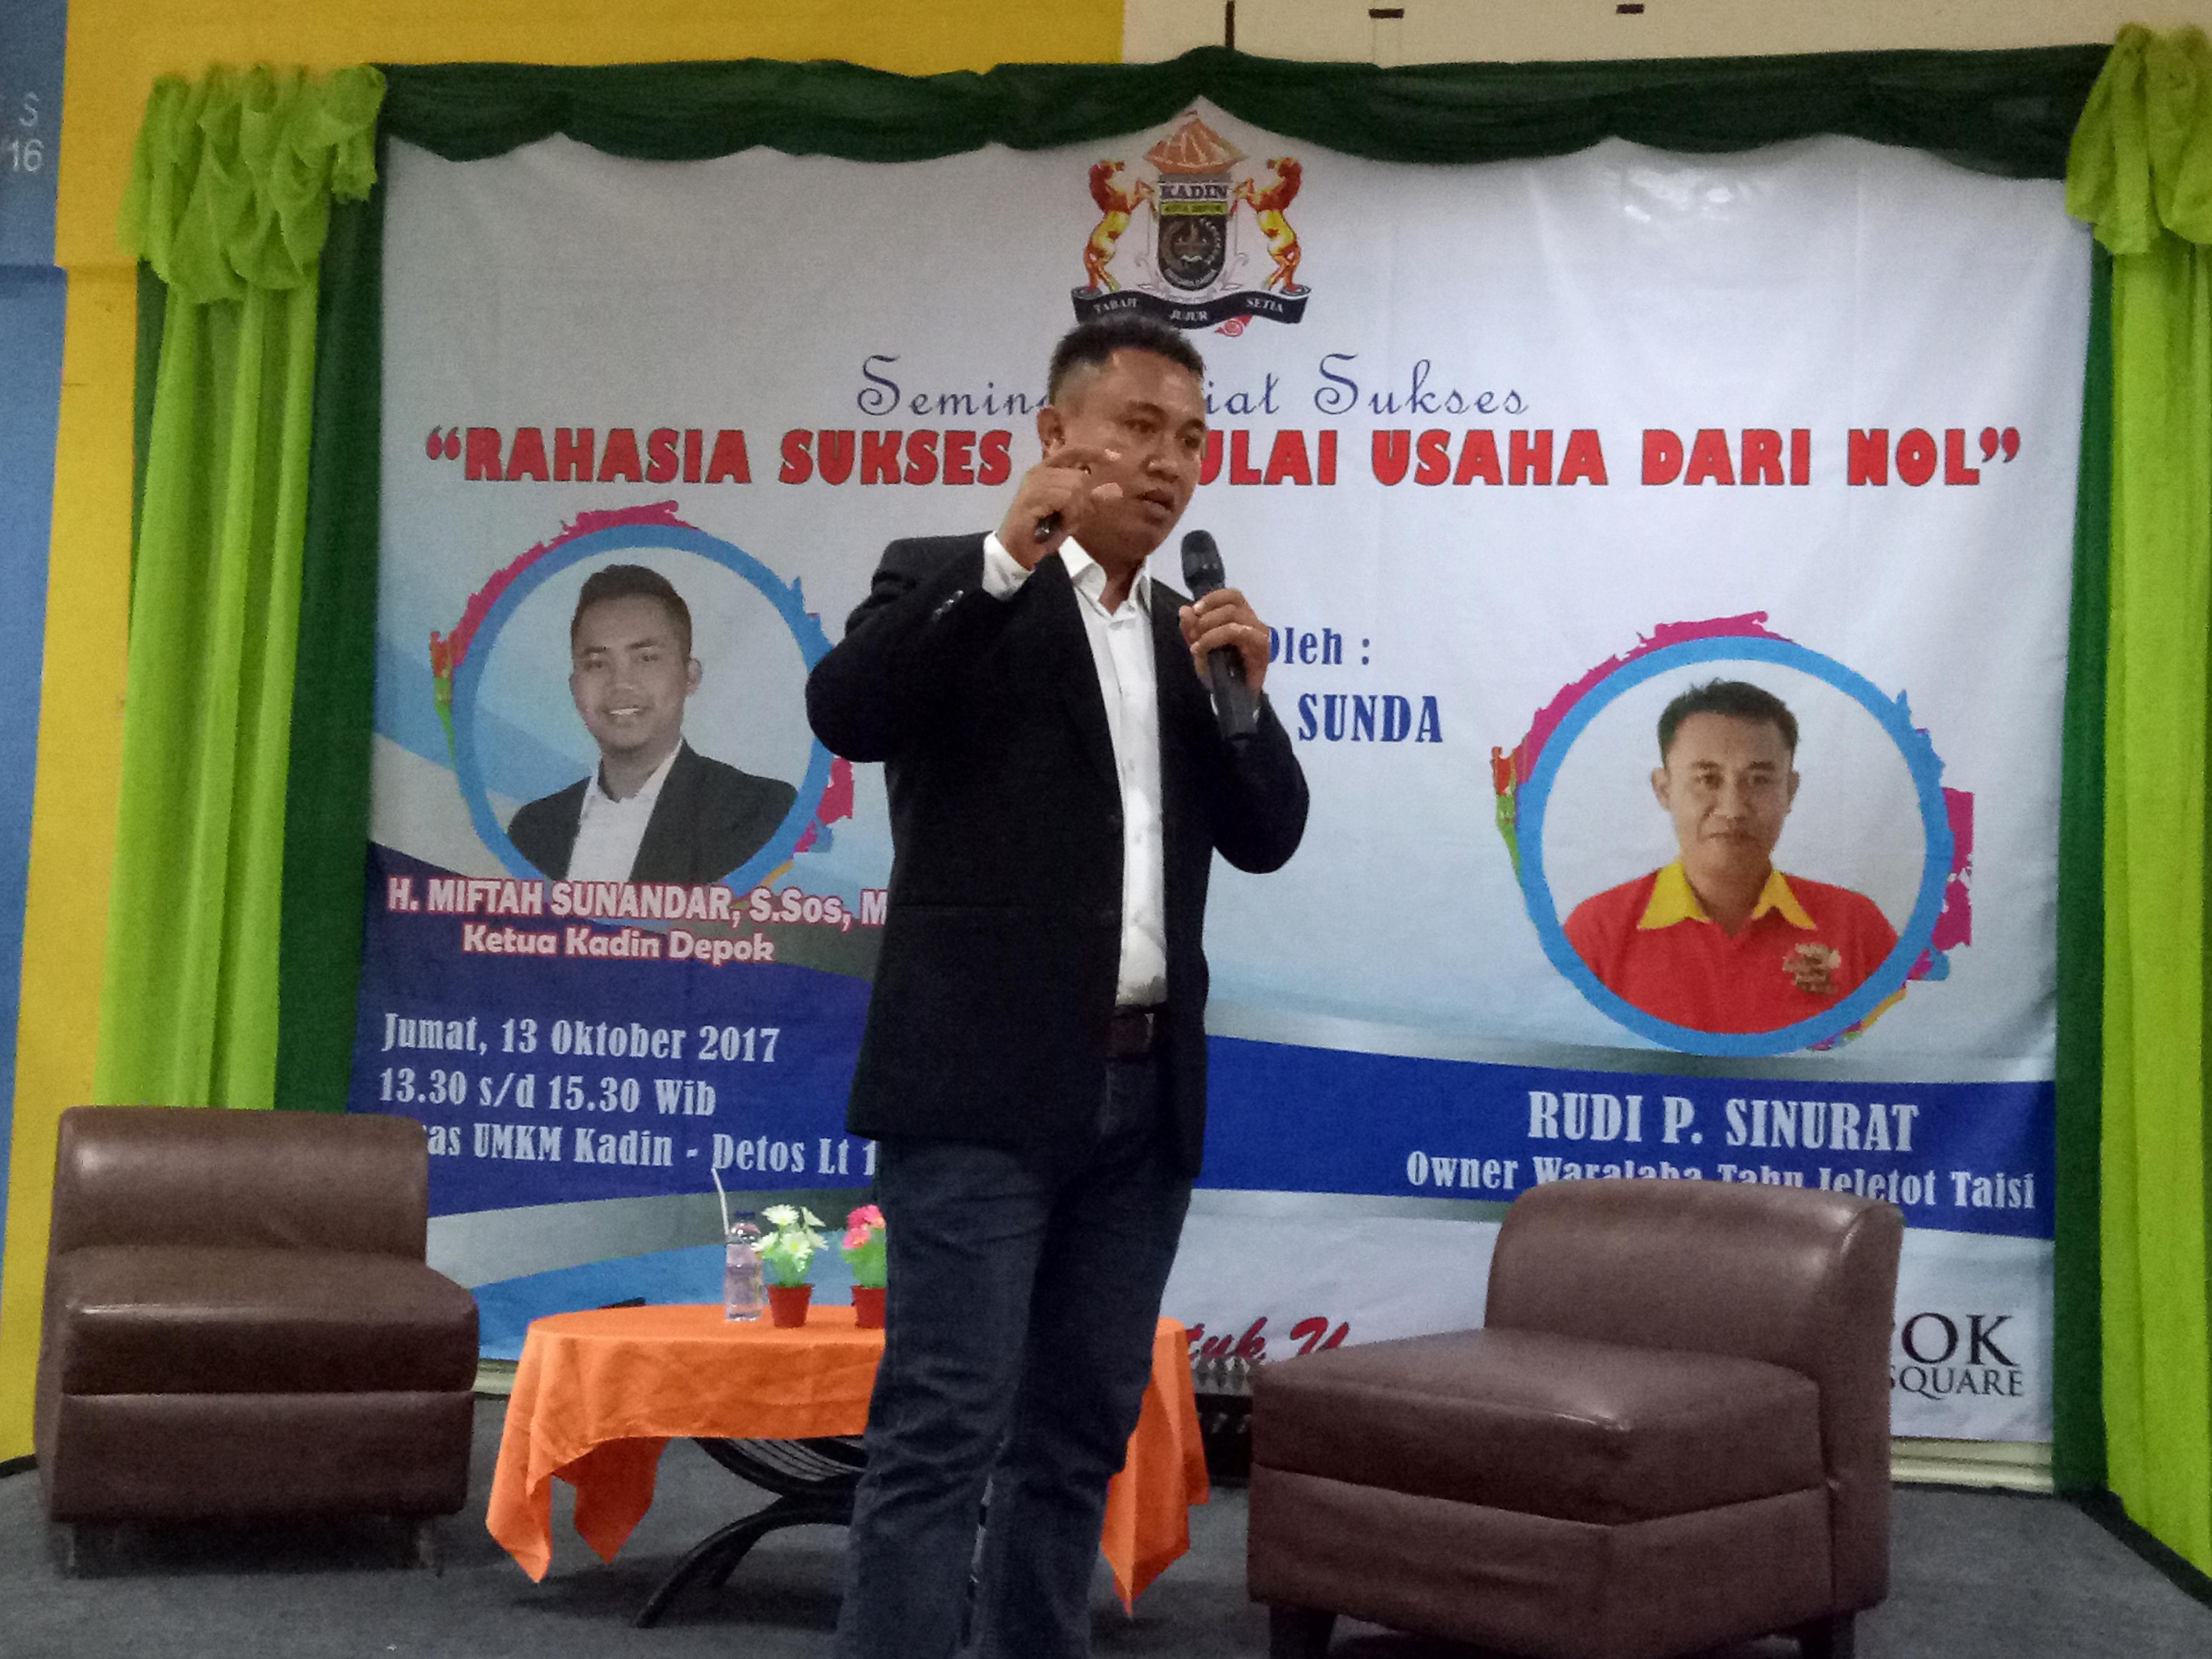 Rudi P. Sinurat bos waralaba Tahu Jeletot Taisi.